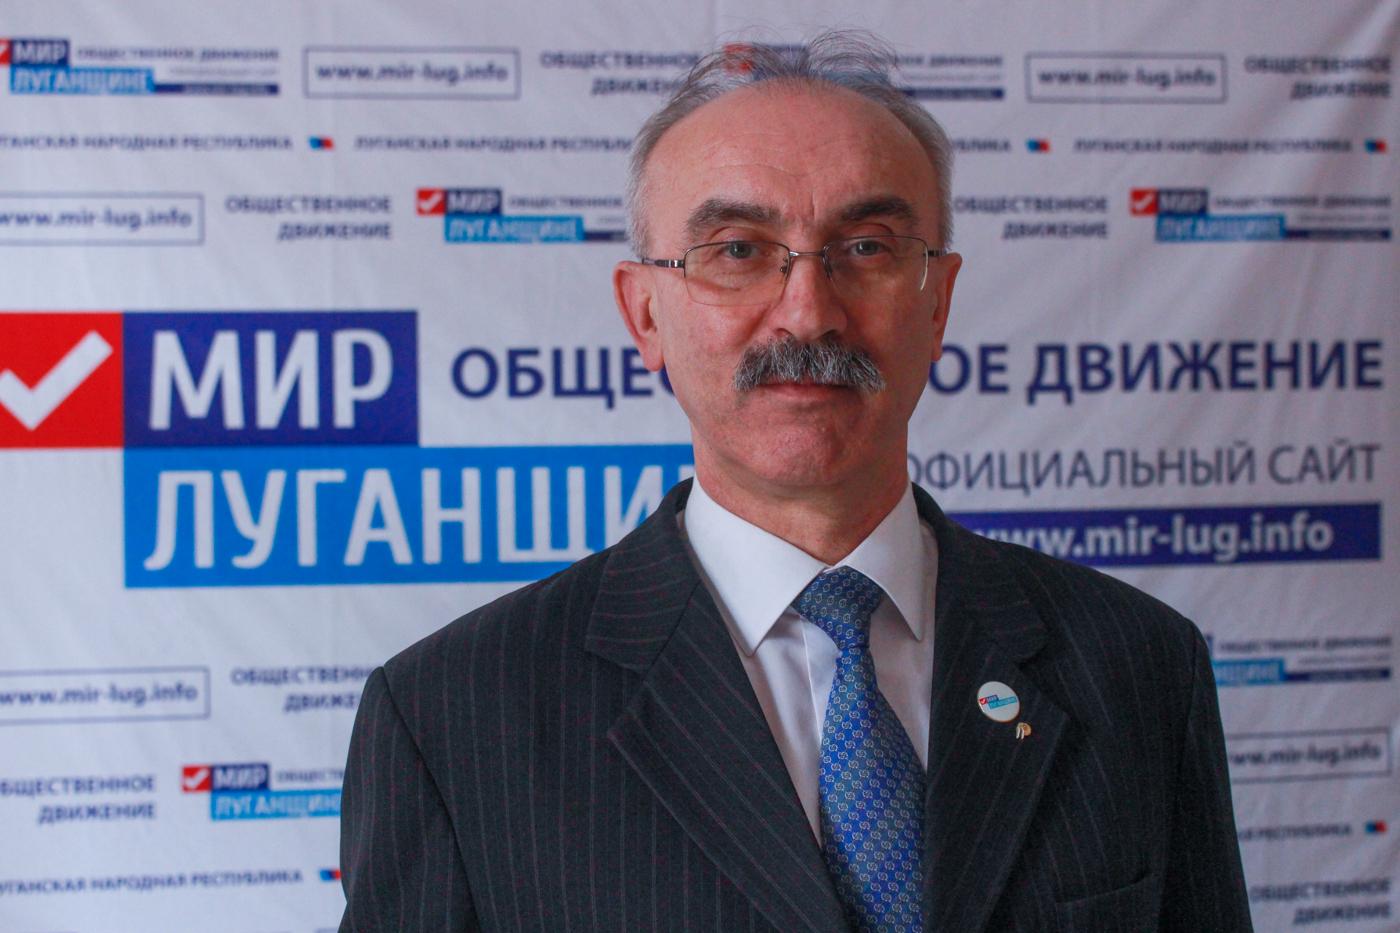 Александр Коржан: Мы хотим, чтобы Украина отстала от Донбасса 1